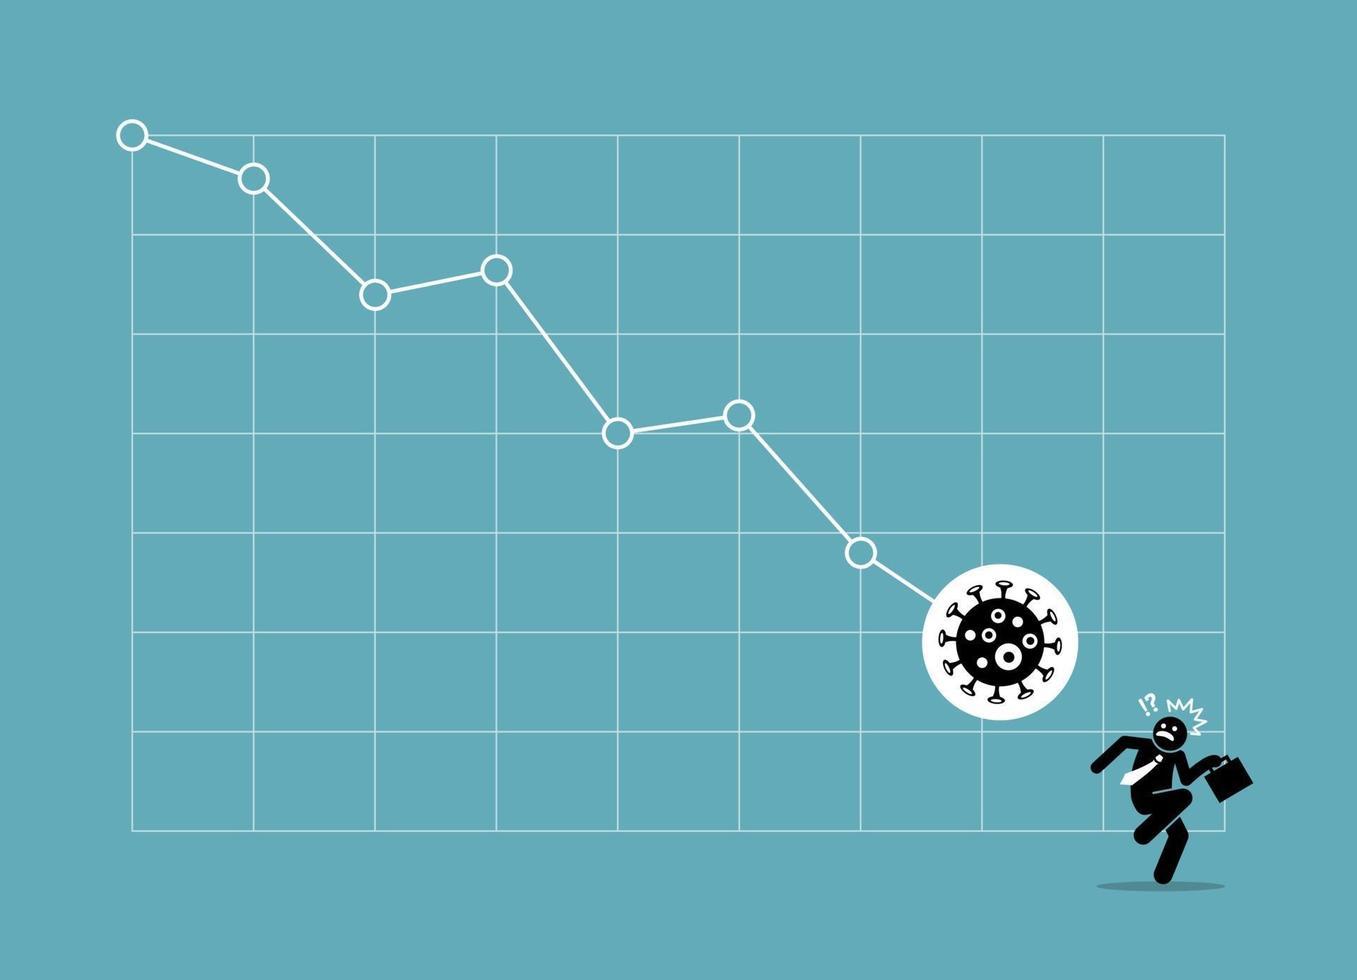 finansiell kris och aktiemarknaden kraschar på grund av koronavirusutbrott vektor